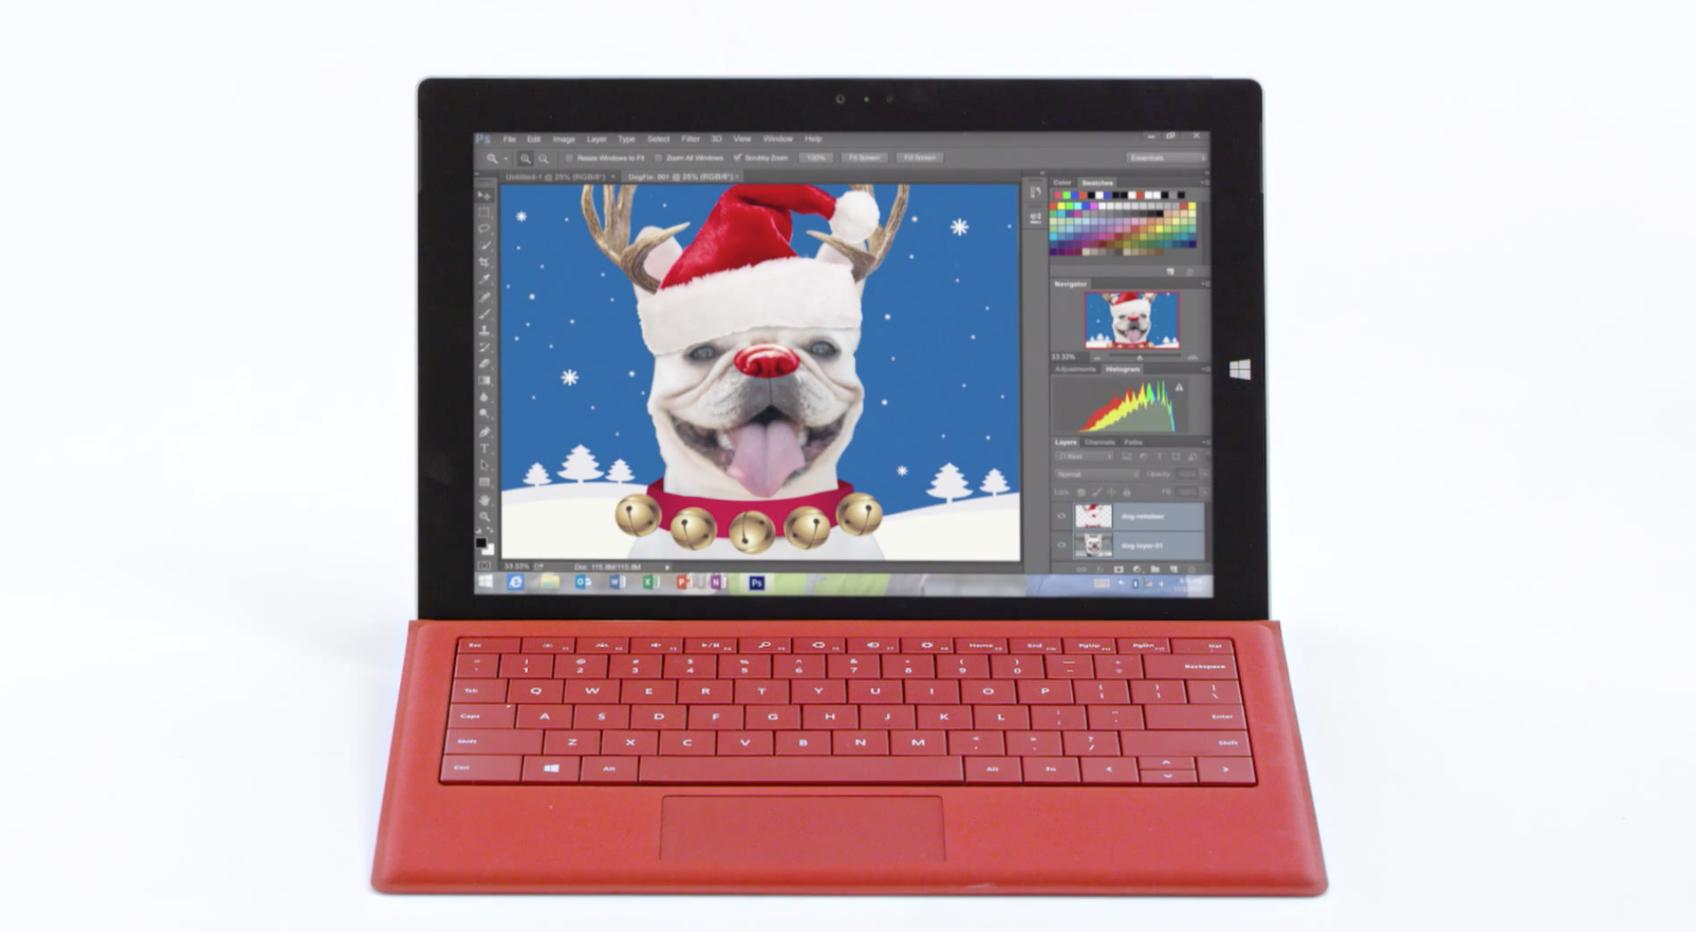 ↪ Microsoft ei ole oma fookust muutnud ja jätkab oma reklaamides MacBook Airi ründamist